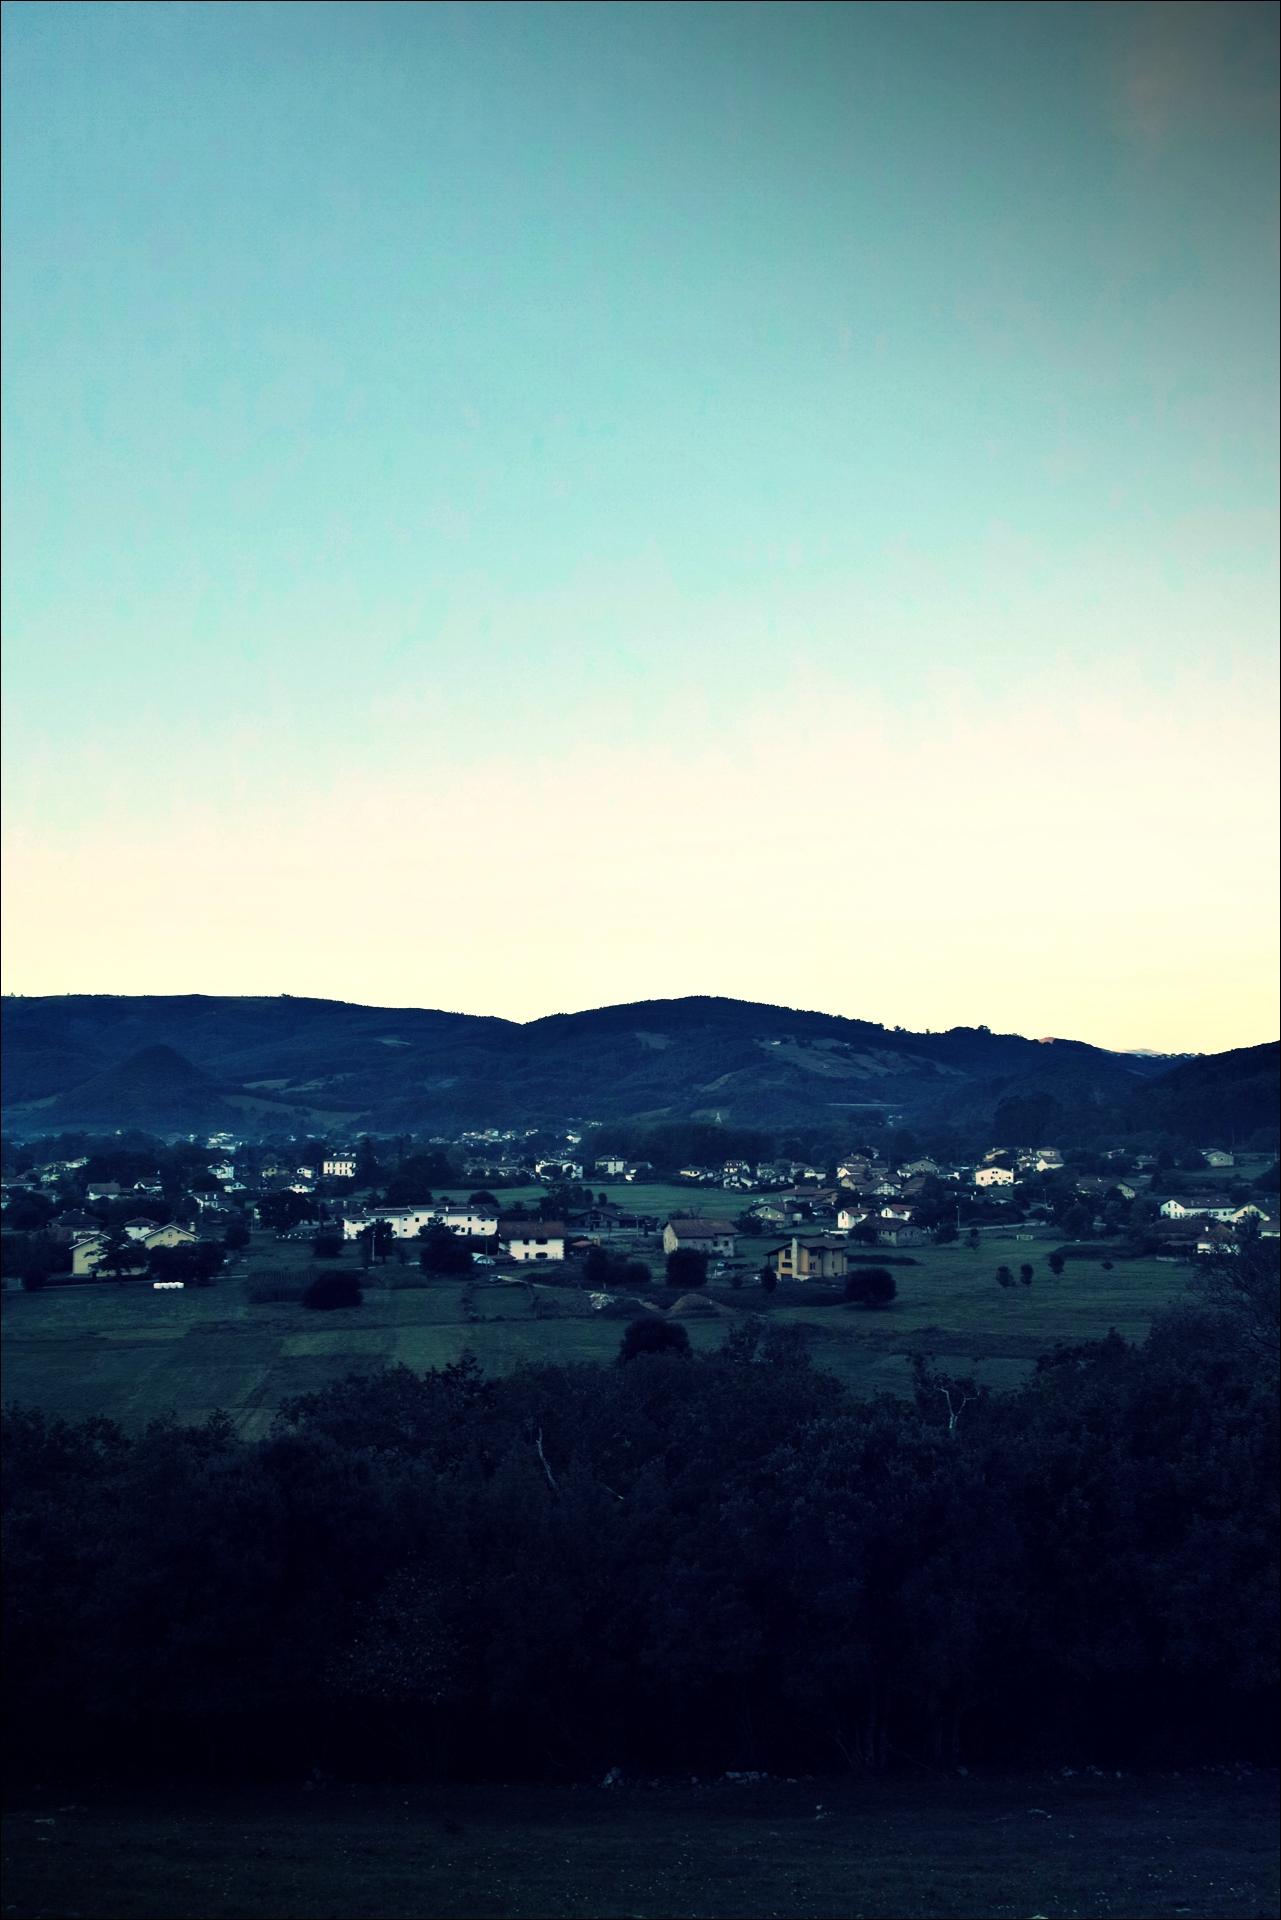 리엔도-'카미노 데 산티아고 북쪽길. 리엔도에서 산토냐. (Camino del Norte - Liendo to Santoña) '